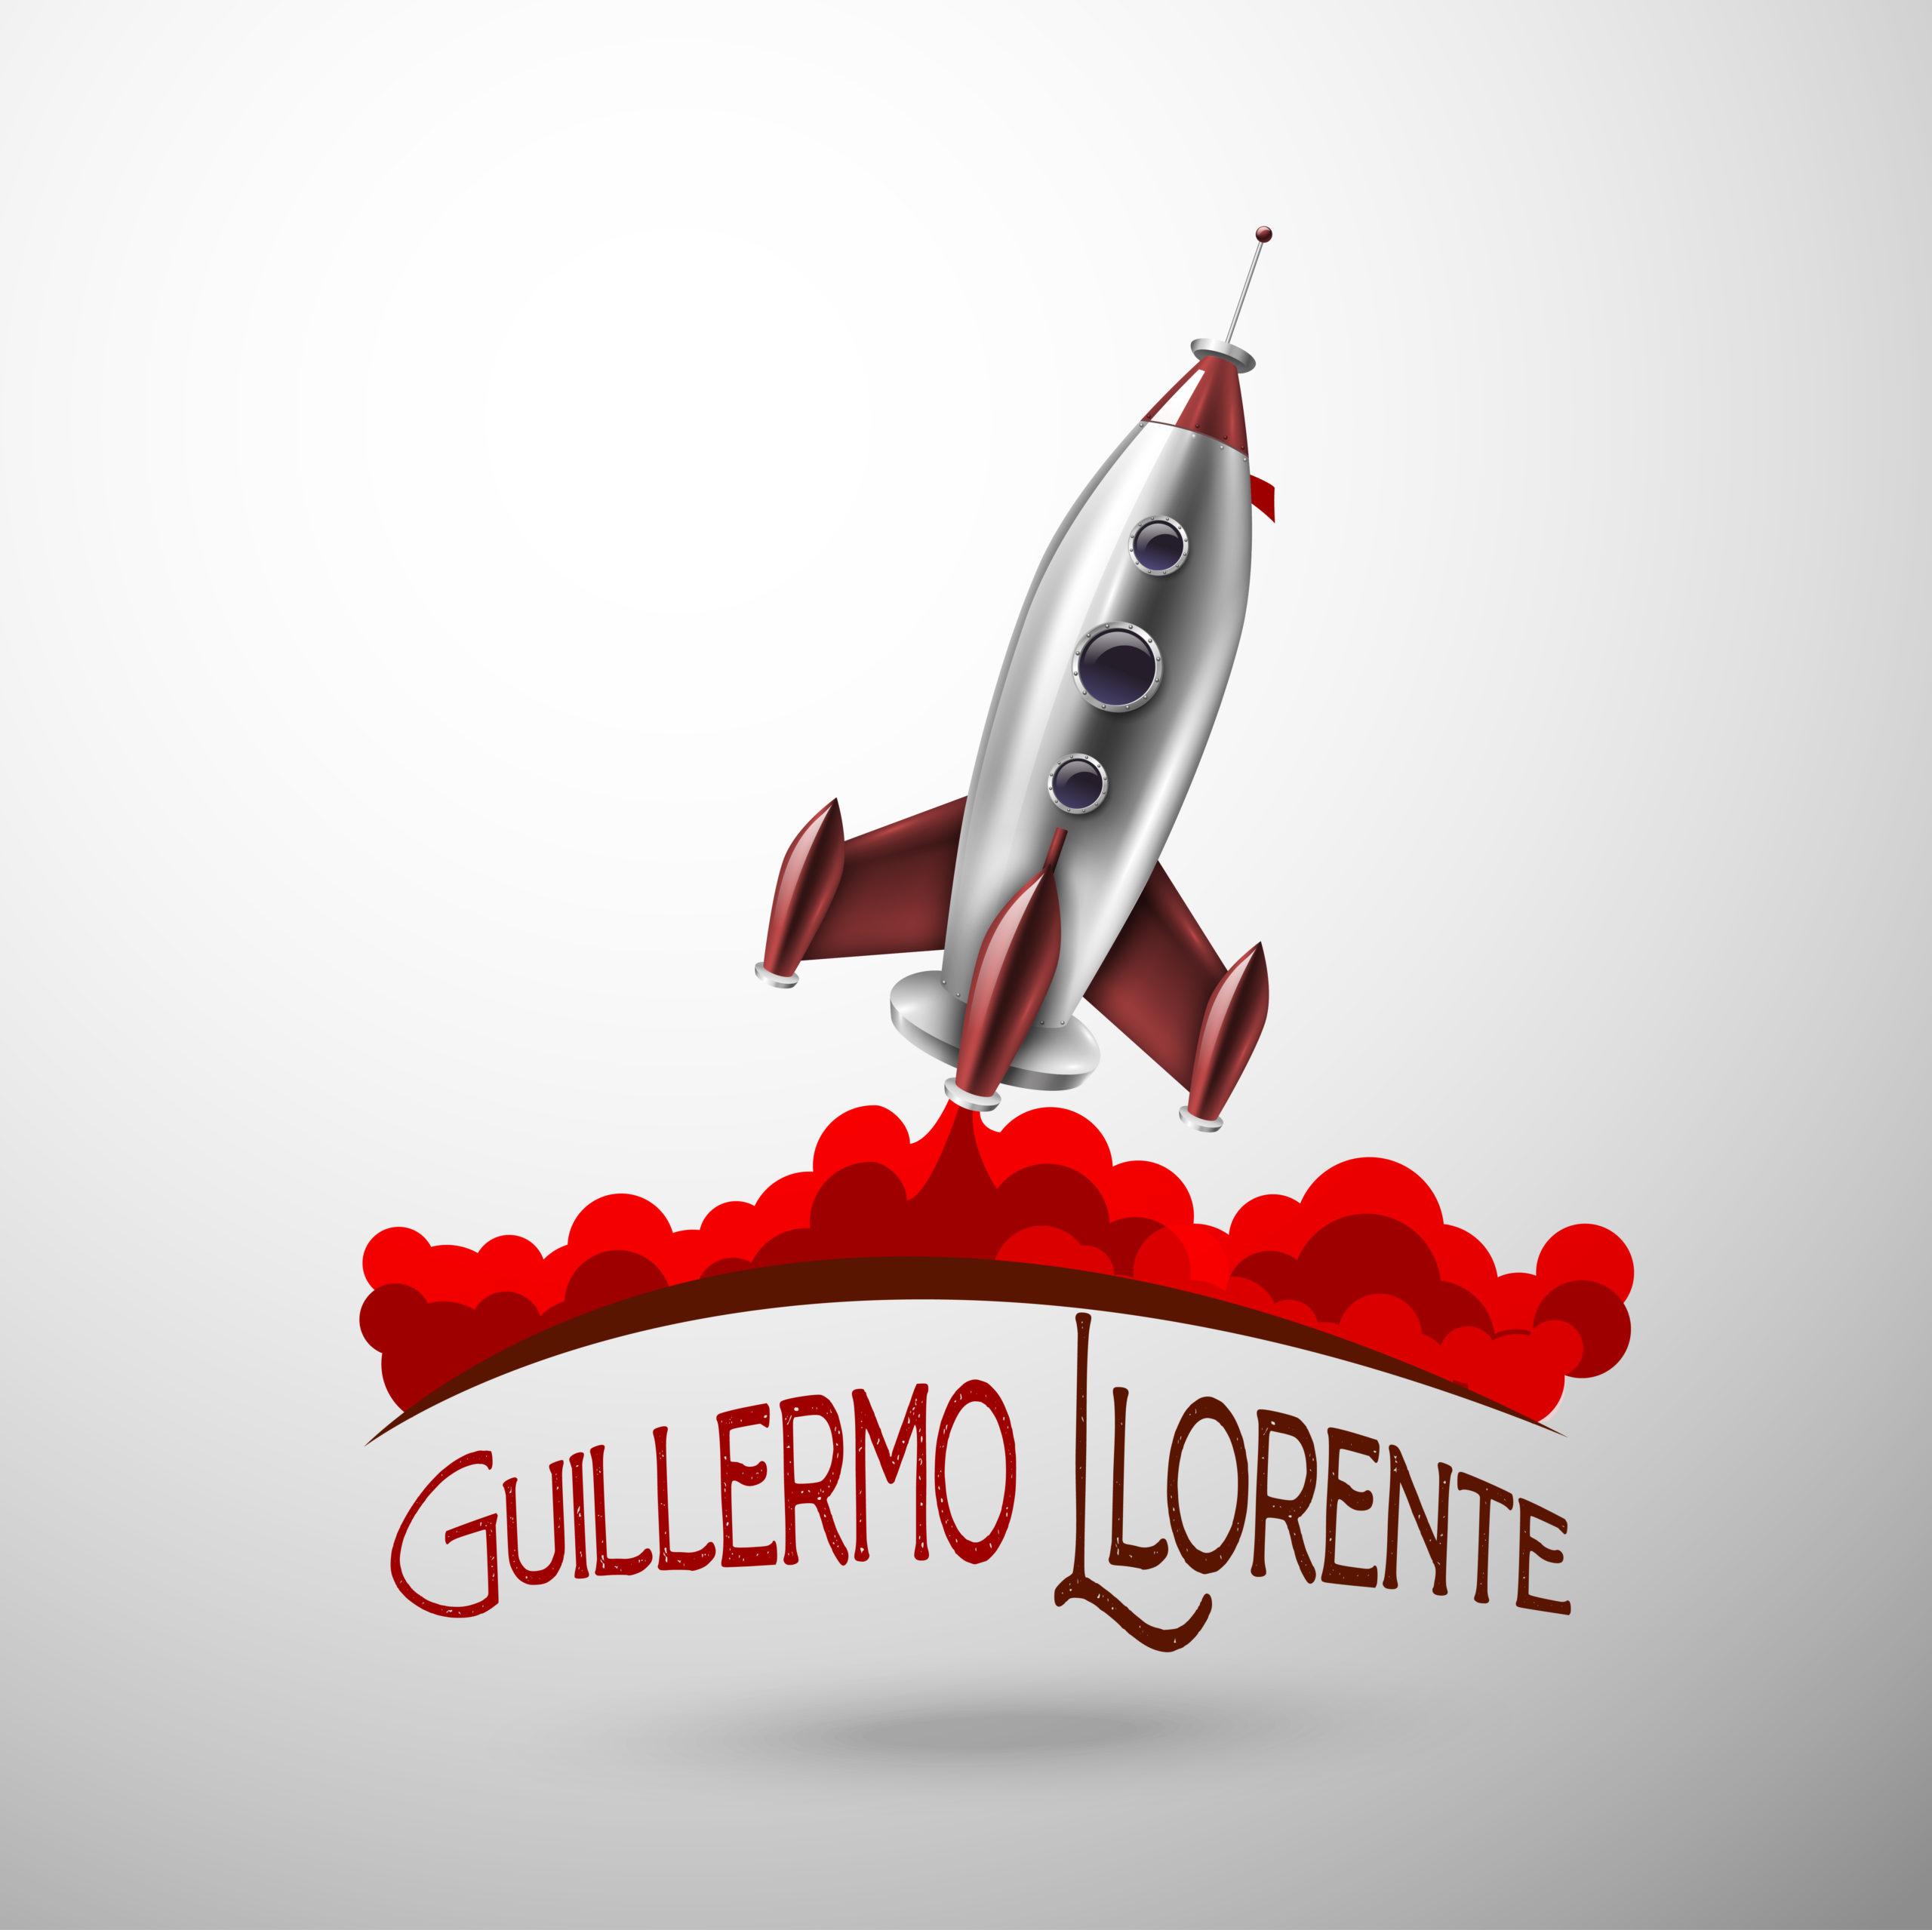 Logo Guillermo Llorente escritor